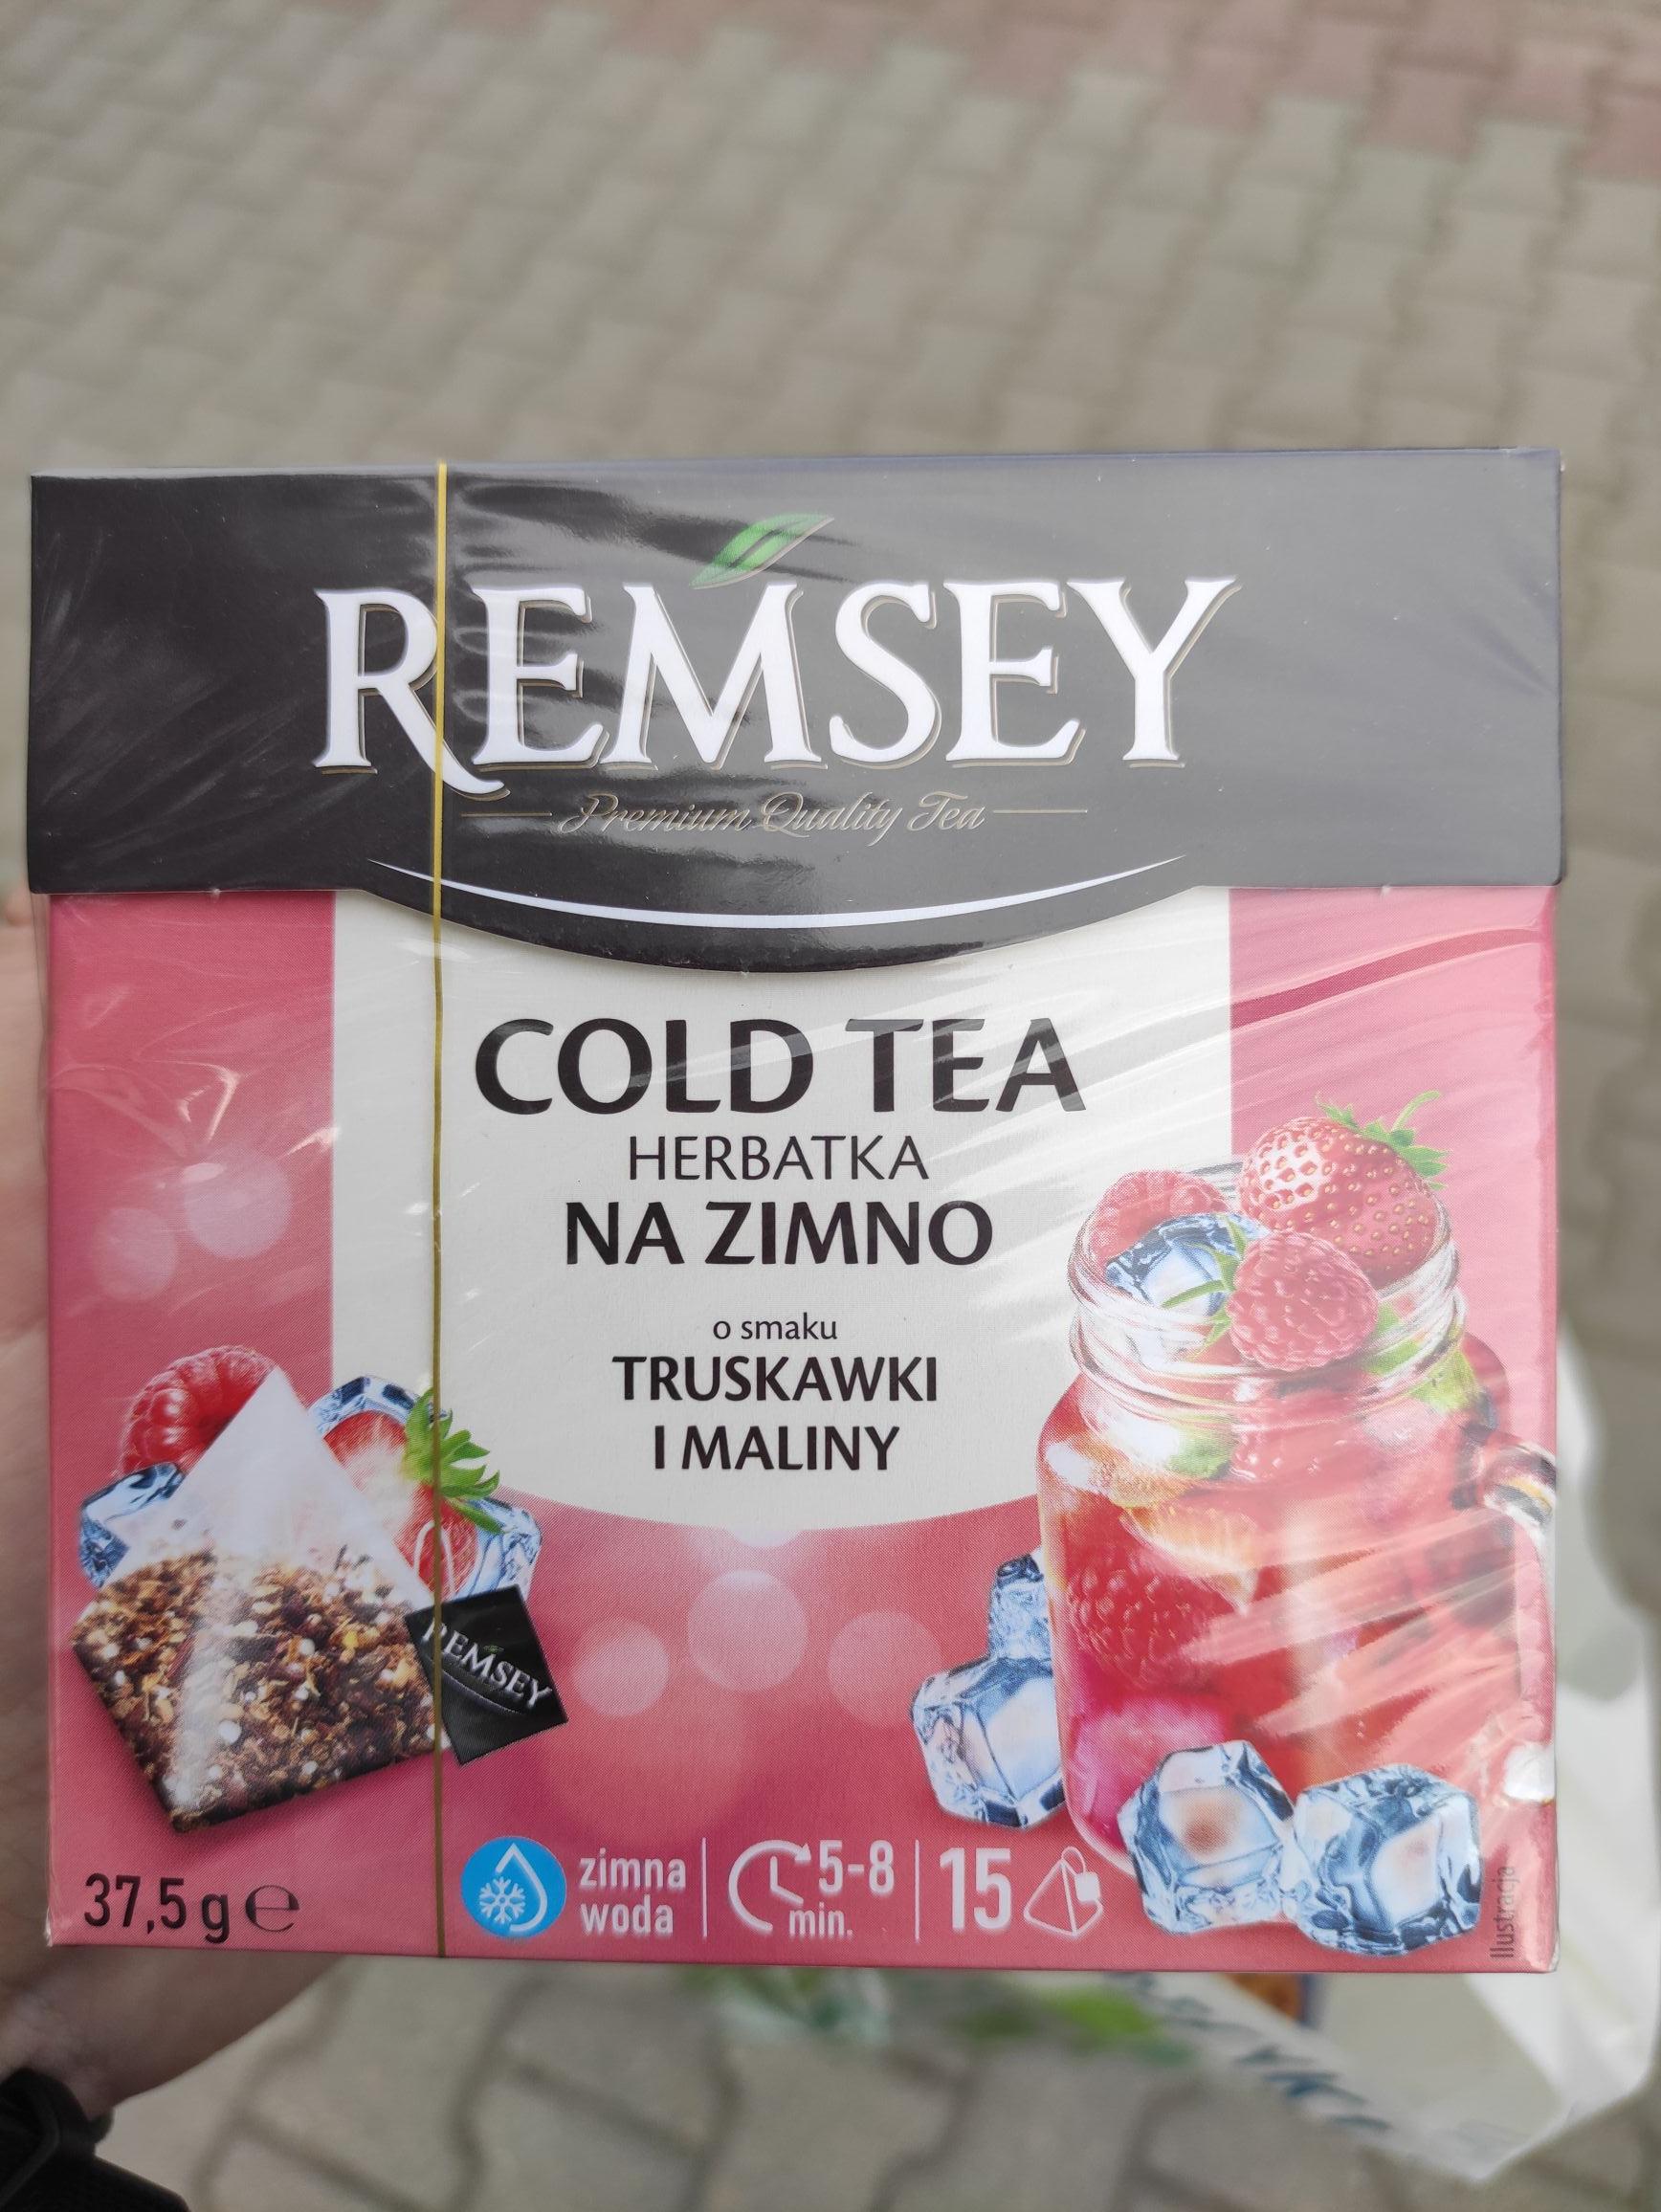 Remsey herbatka na zimno - Biedronka